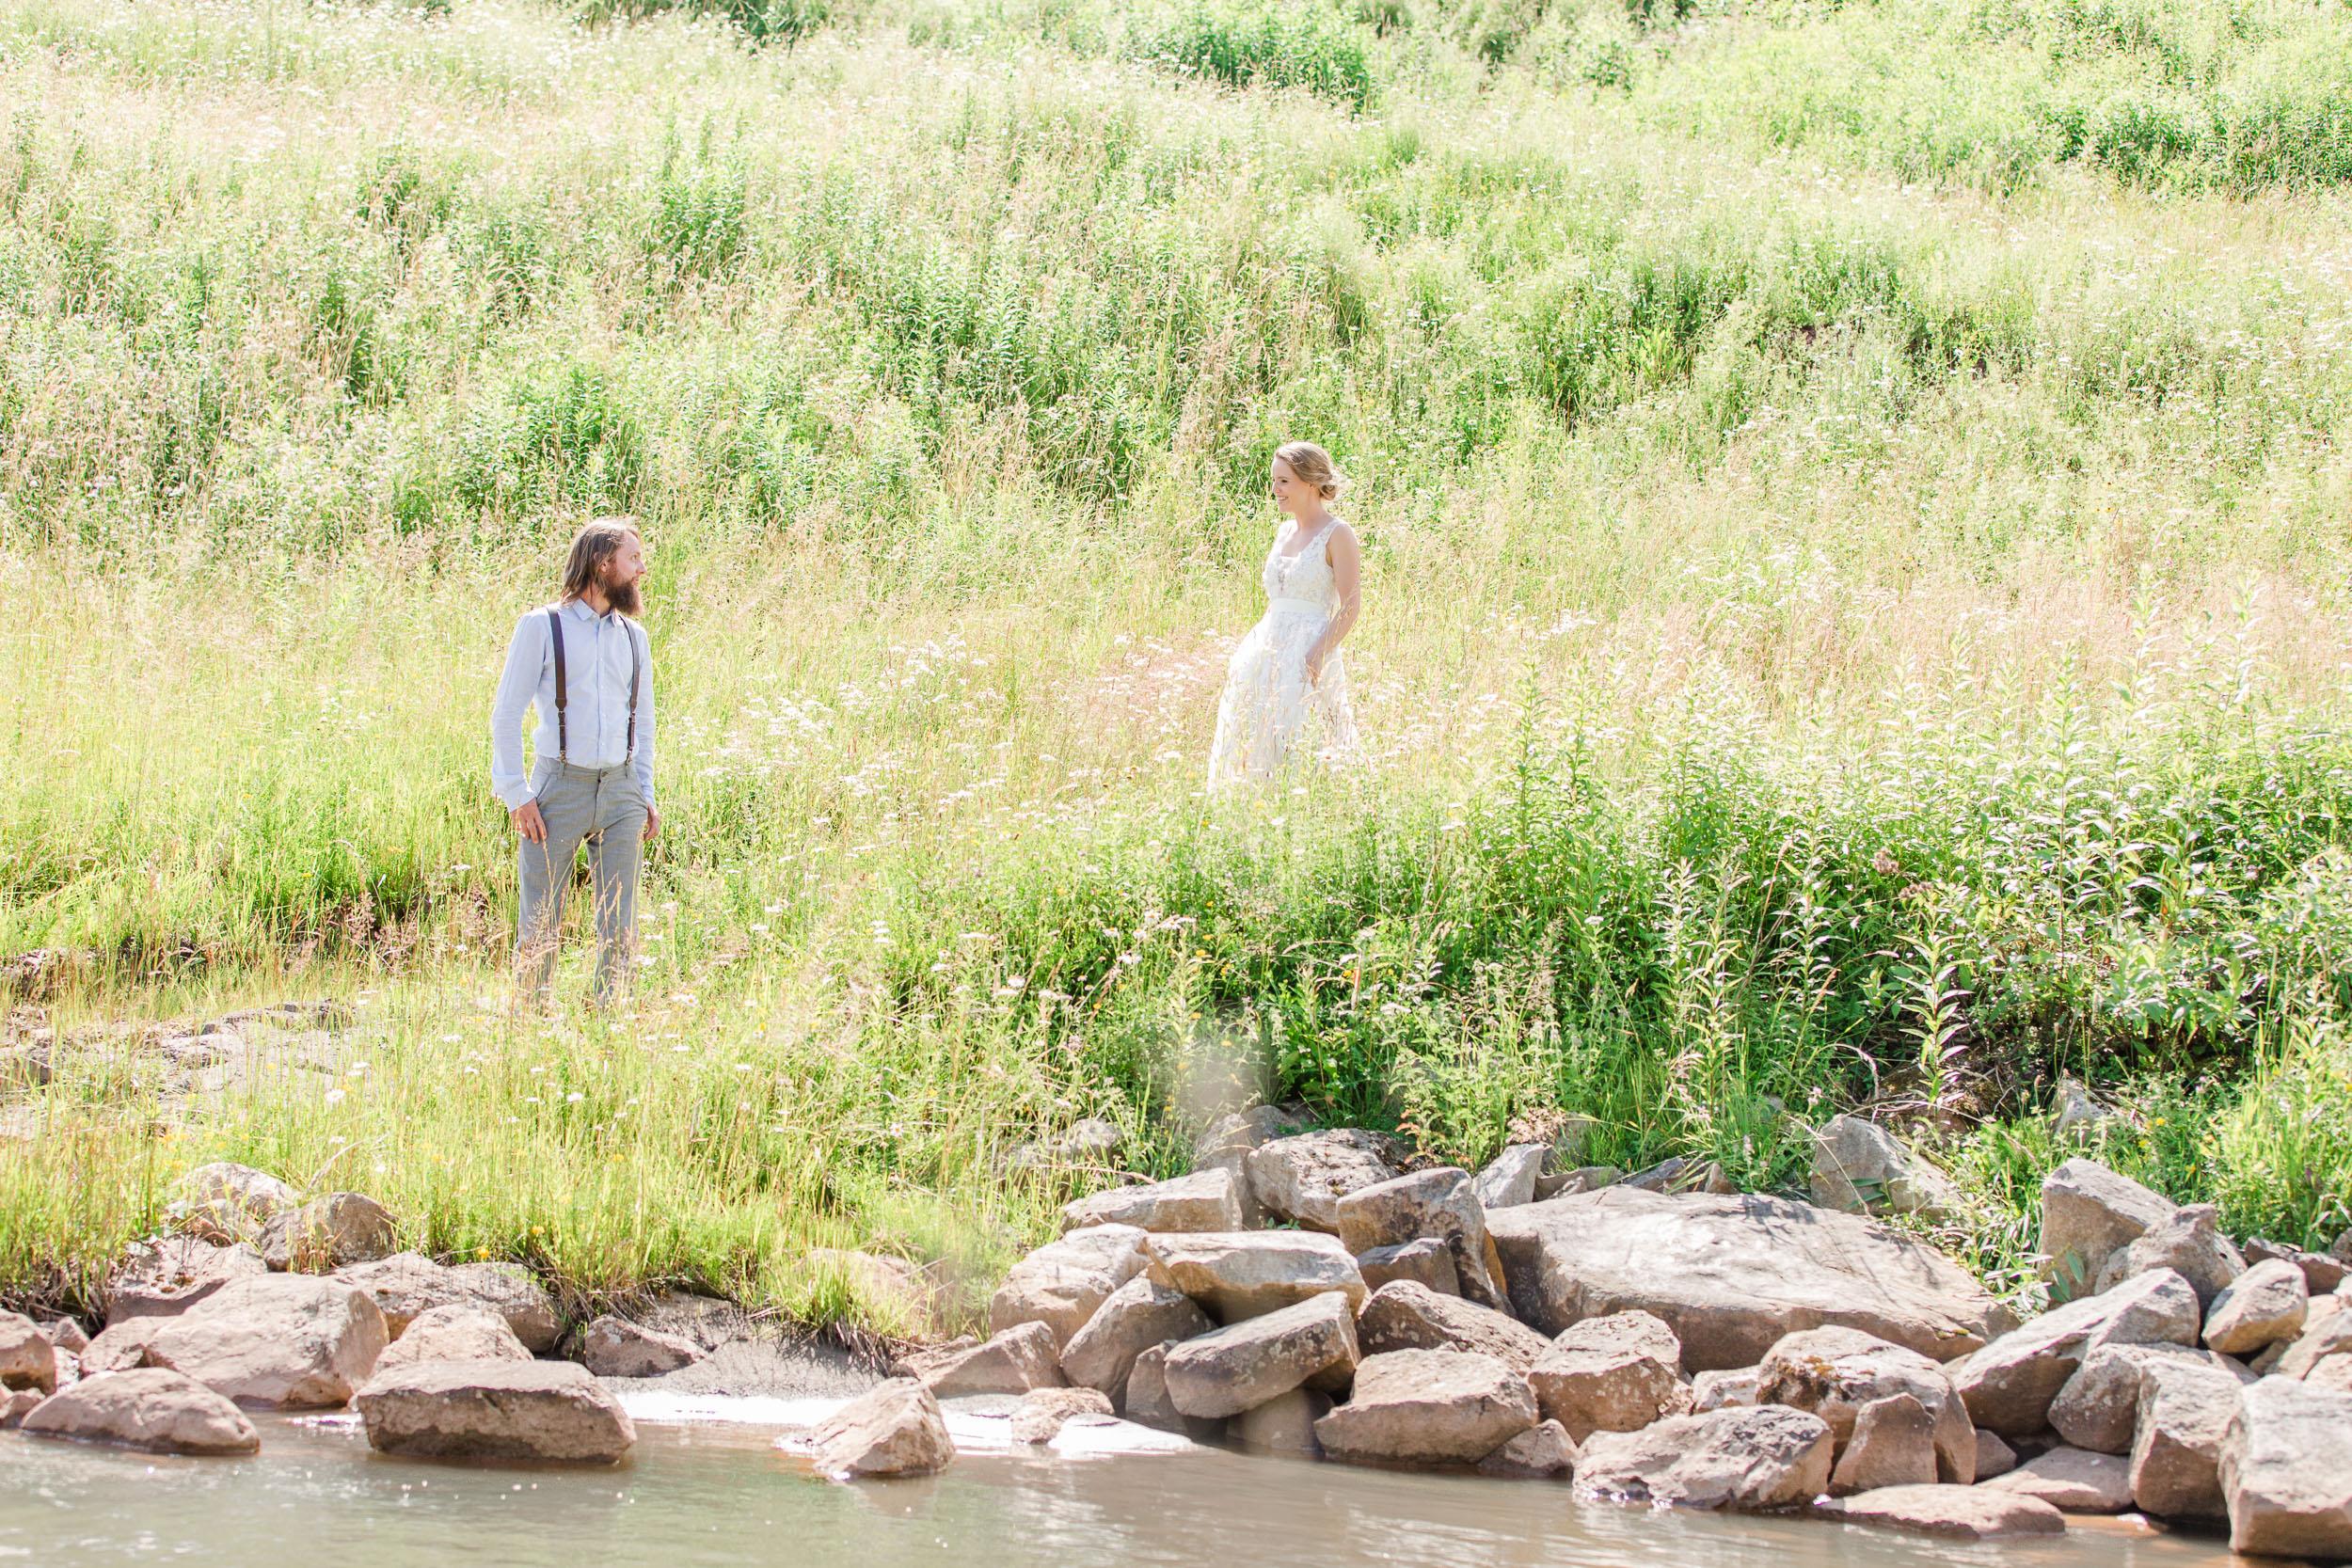 wv snowshoe wedding first look summer hiking-1.jpg